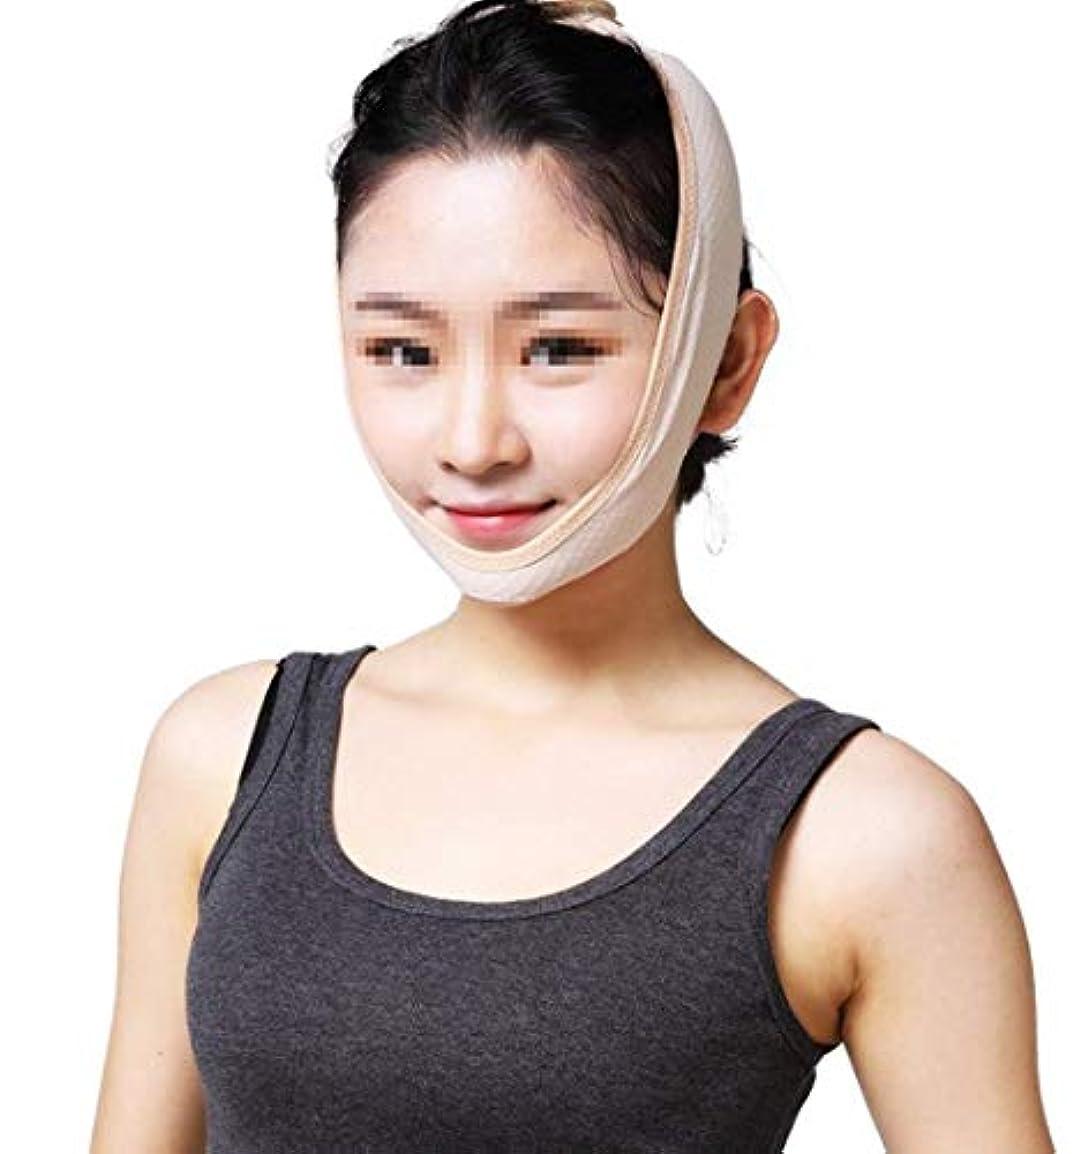 サスティーンダッシュ傑作顔を持ち上げる包帯、口を開けて眠るのを防ぐための女性の通気性のいびきベルトいびきアーティファクトアンチあごの脱臼の修正包帯のいびき装置